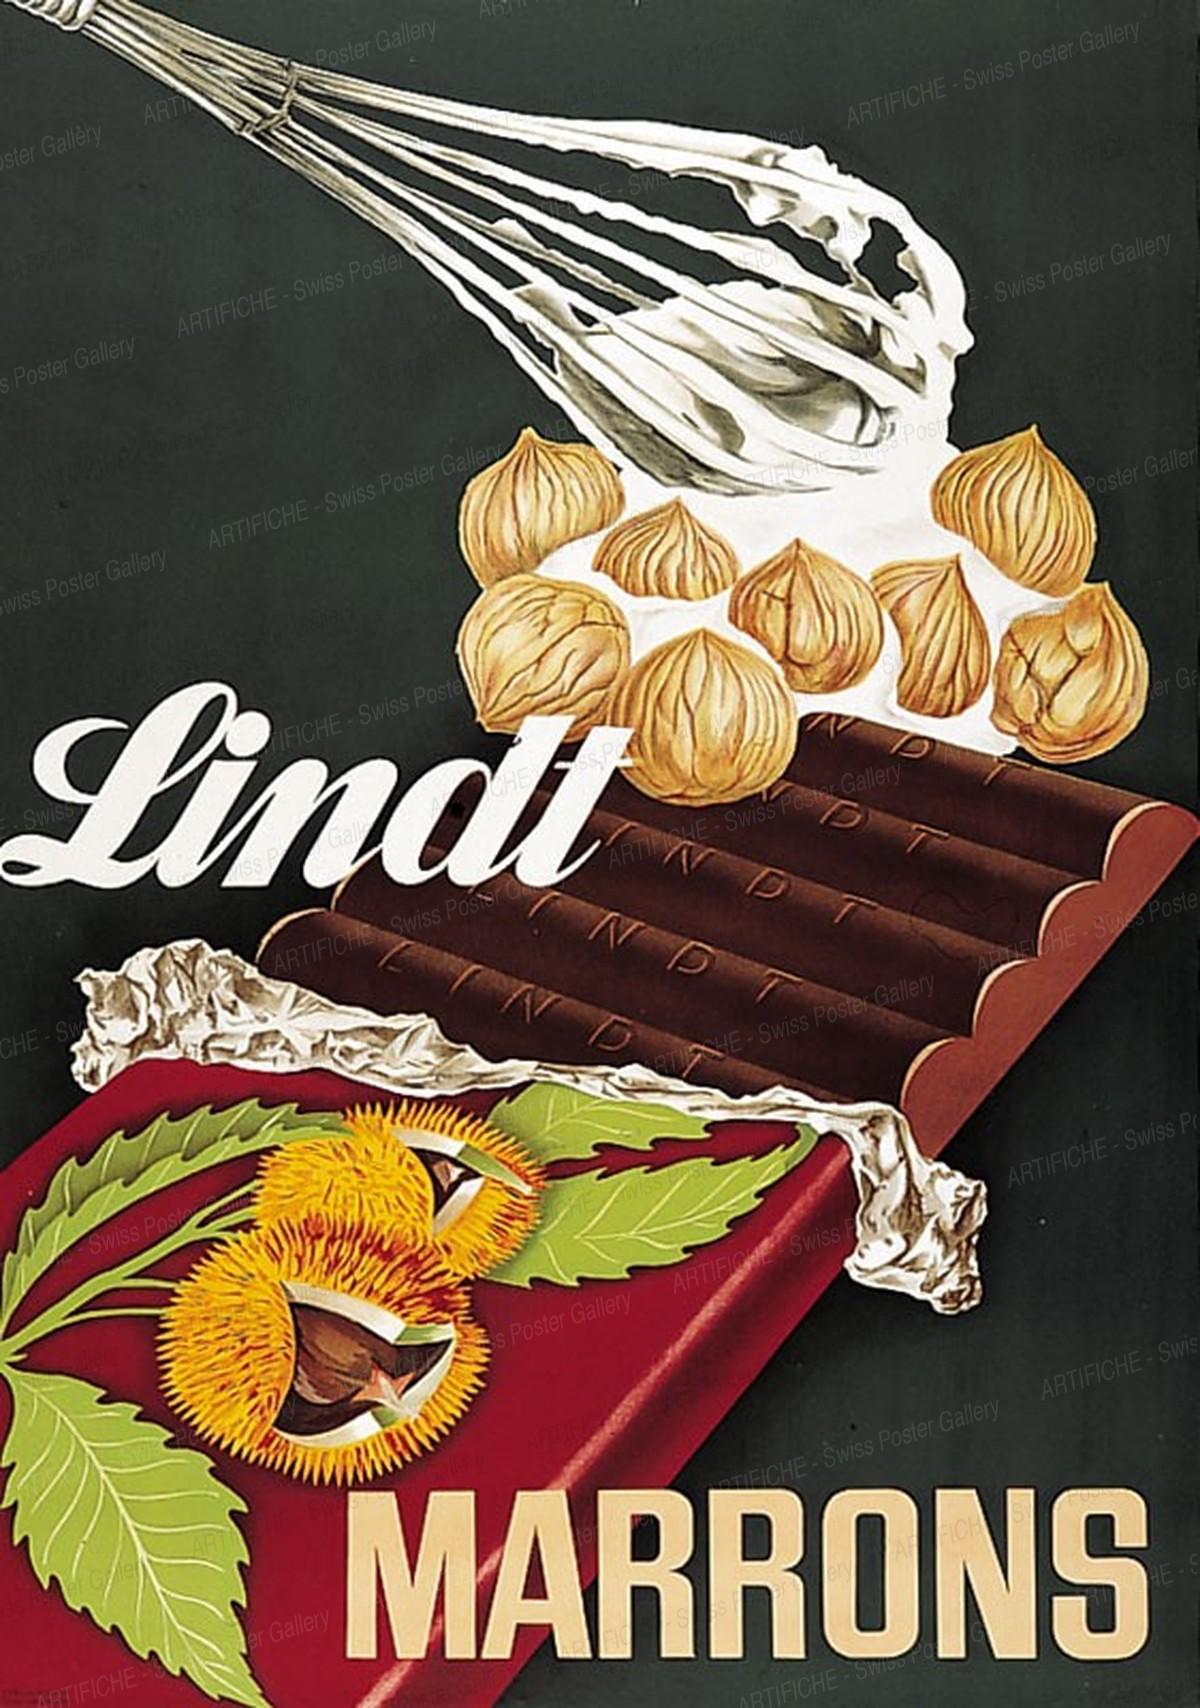 Lindt Schokolade – Marrons, Althaus, Paul O., Atelier